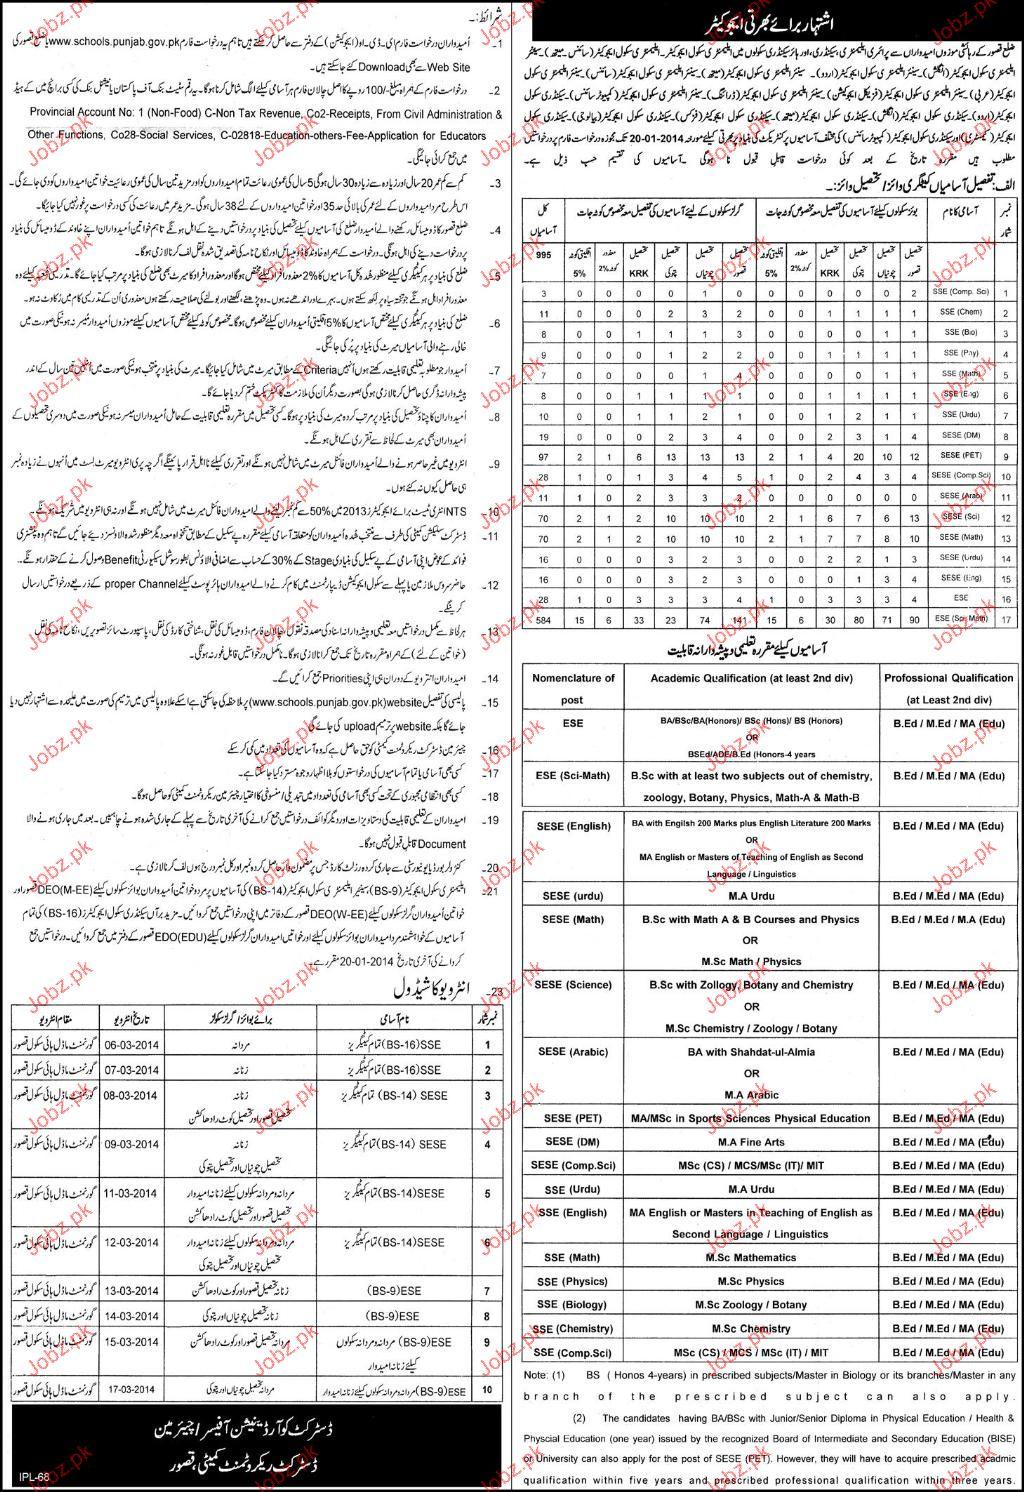 Educators Recruitment in District Kasur